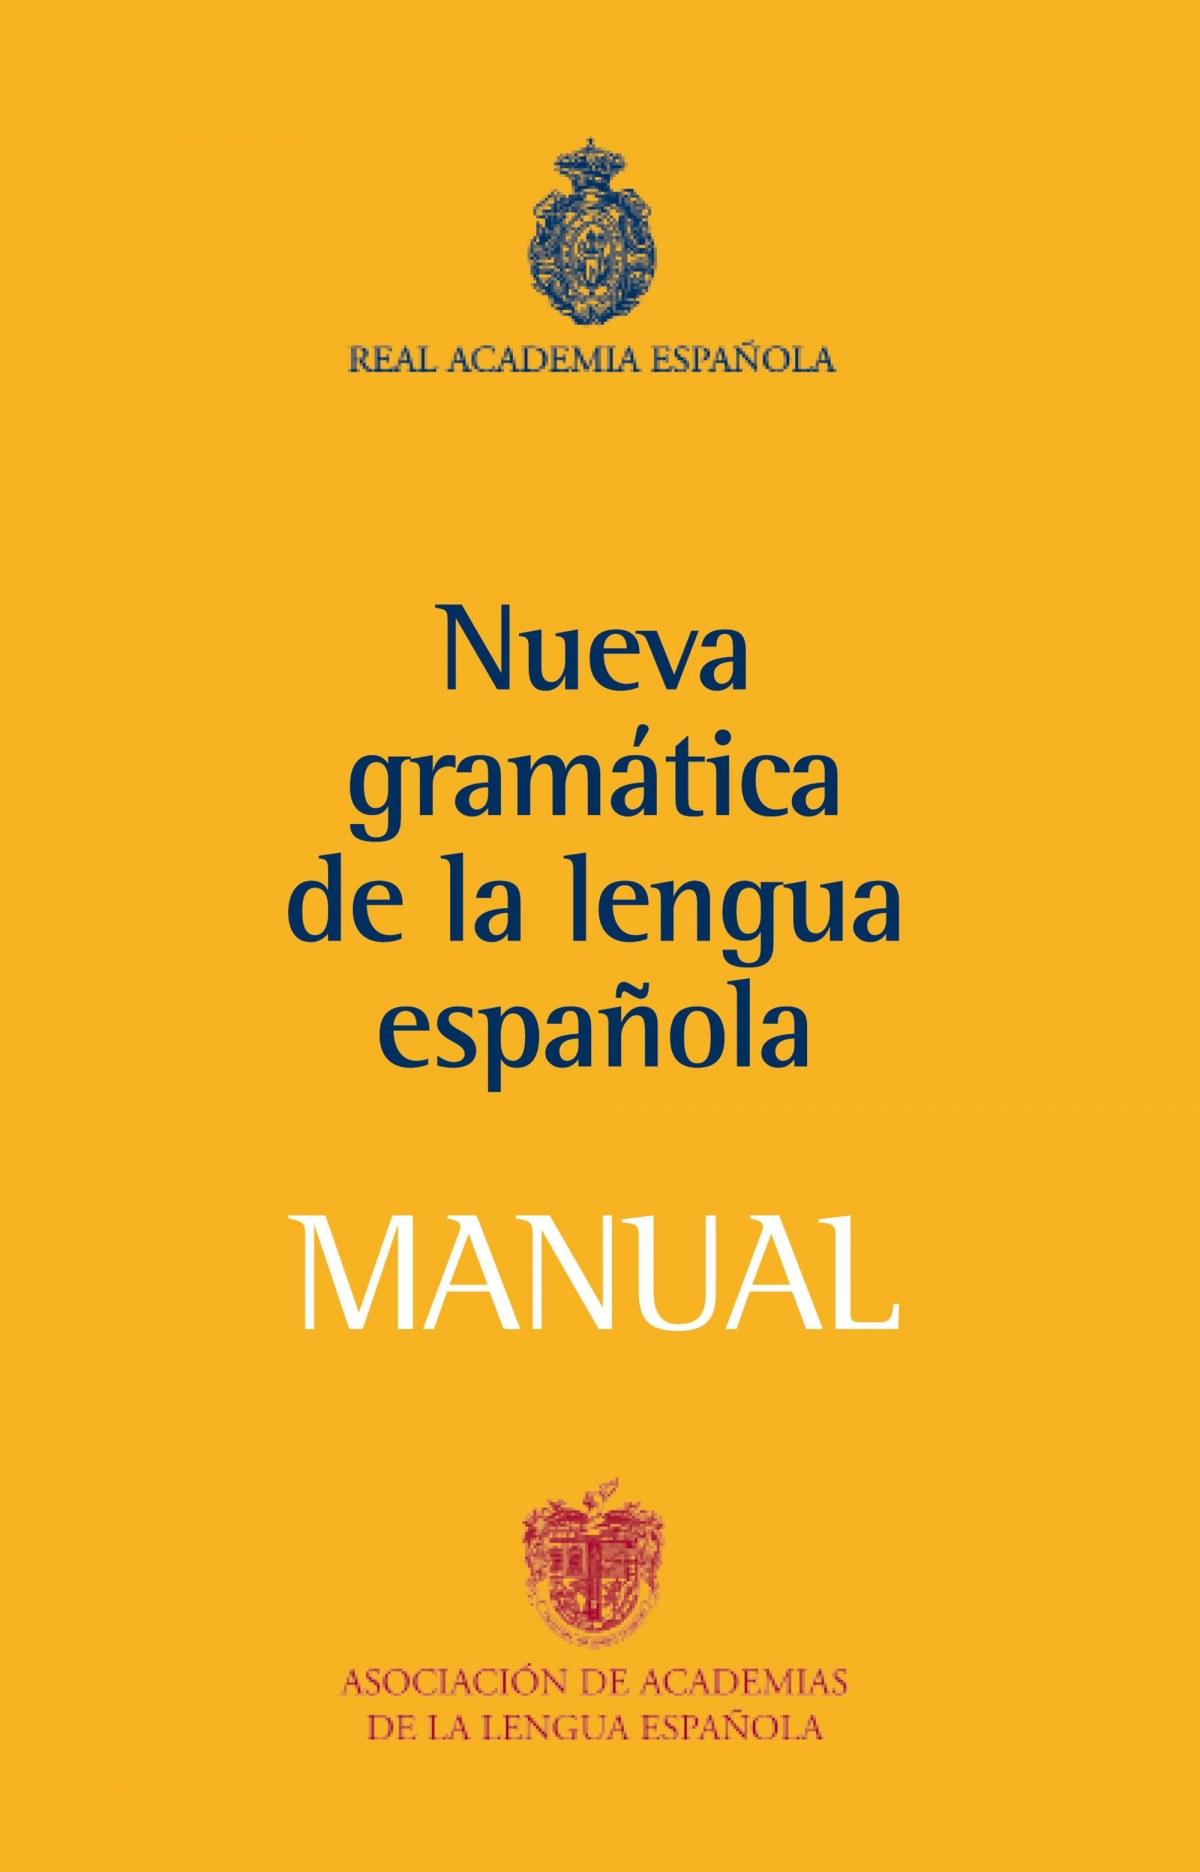 Manual de la Nueva Gramática de la lengua española 9788467032819